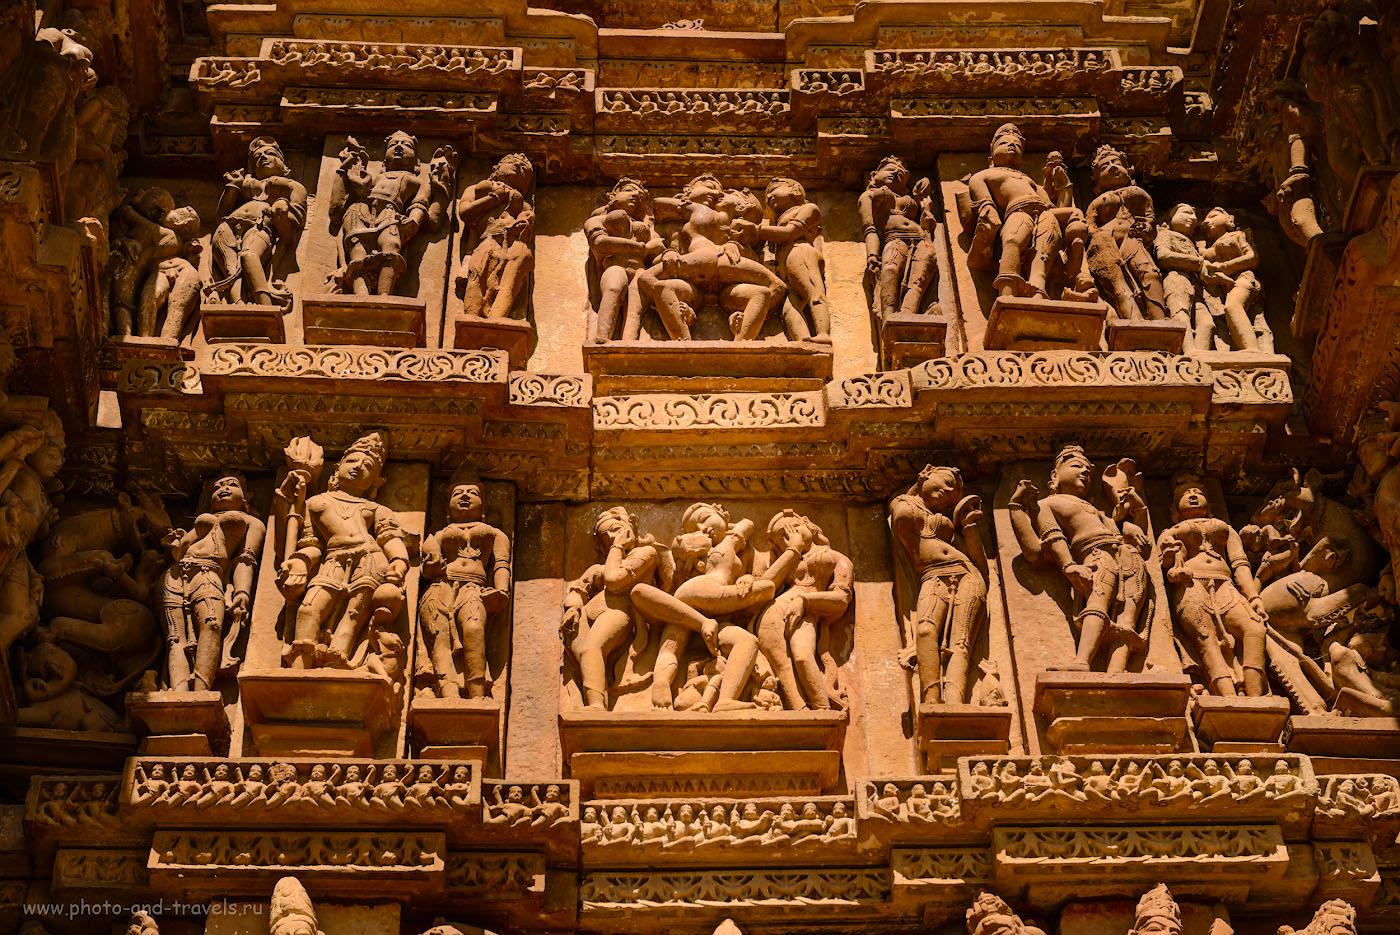 Фото 14. Сценки из «Камасутры» на стенах храма Кхаджурахо. Отзывы об отдыхе в Индии дикарями. 1/250, 8.0, 100, 58.